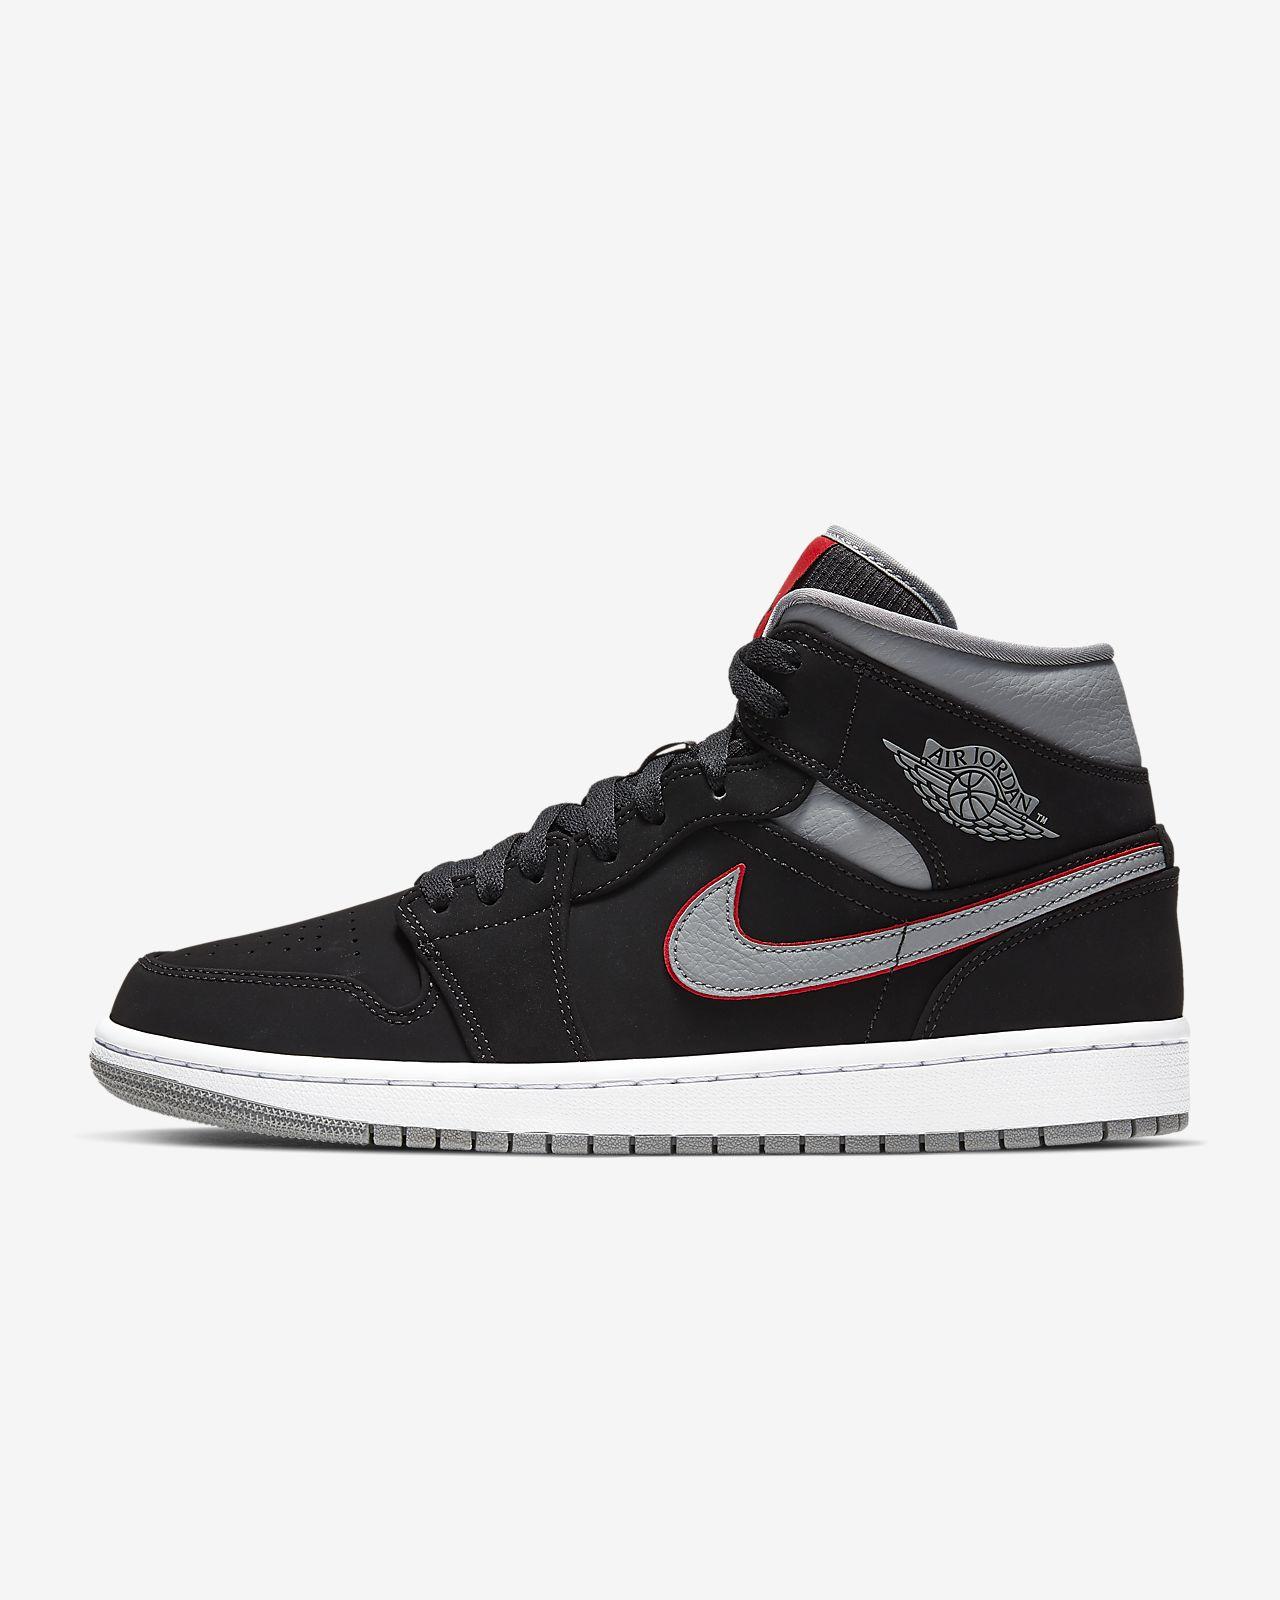 cheaper 86891 62cc6 ... Air Jordan 1 Mid 男鞋